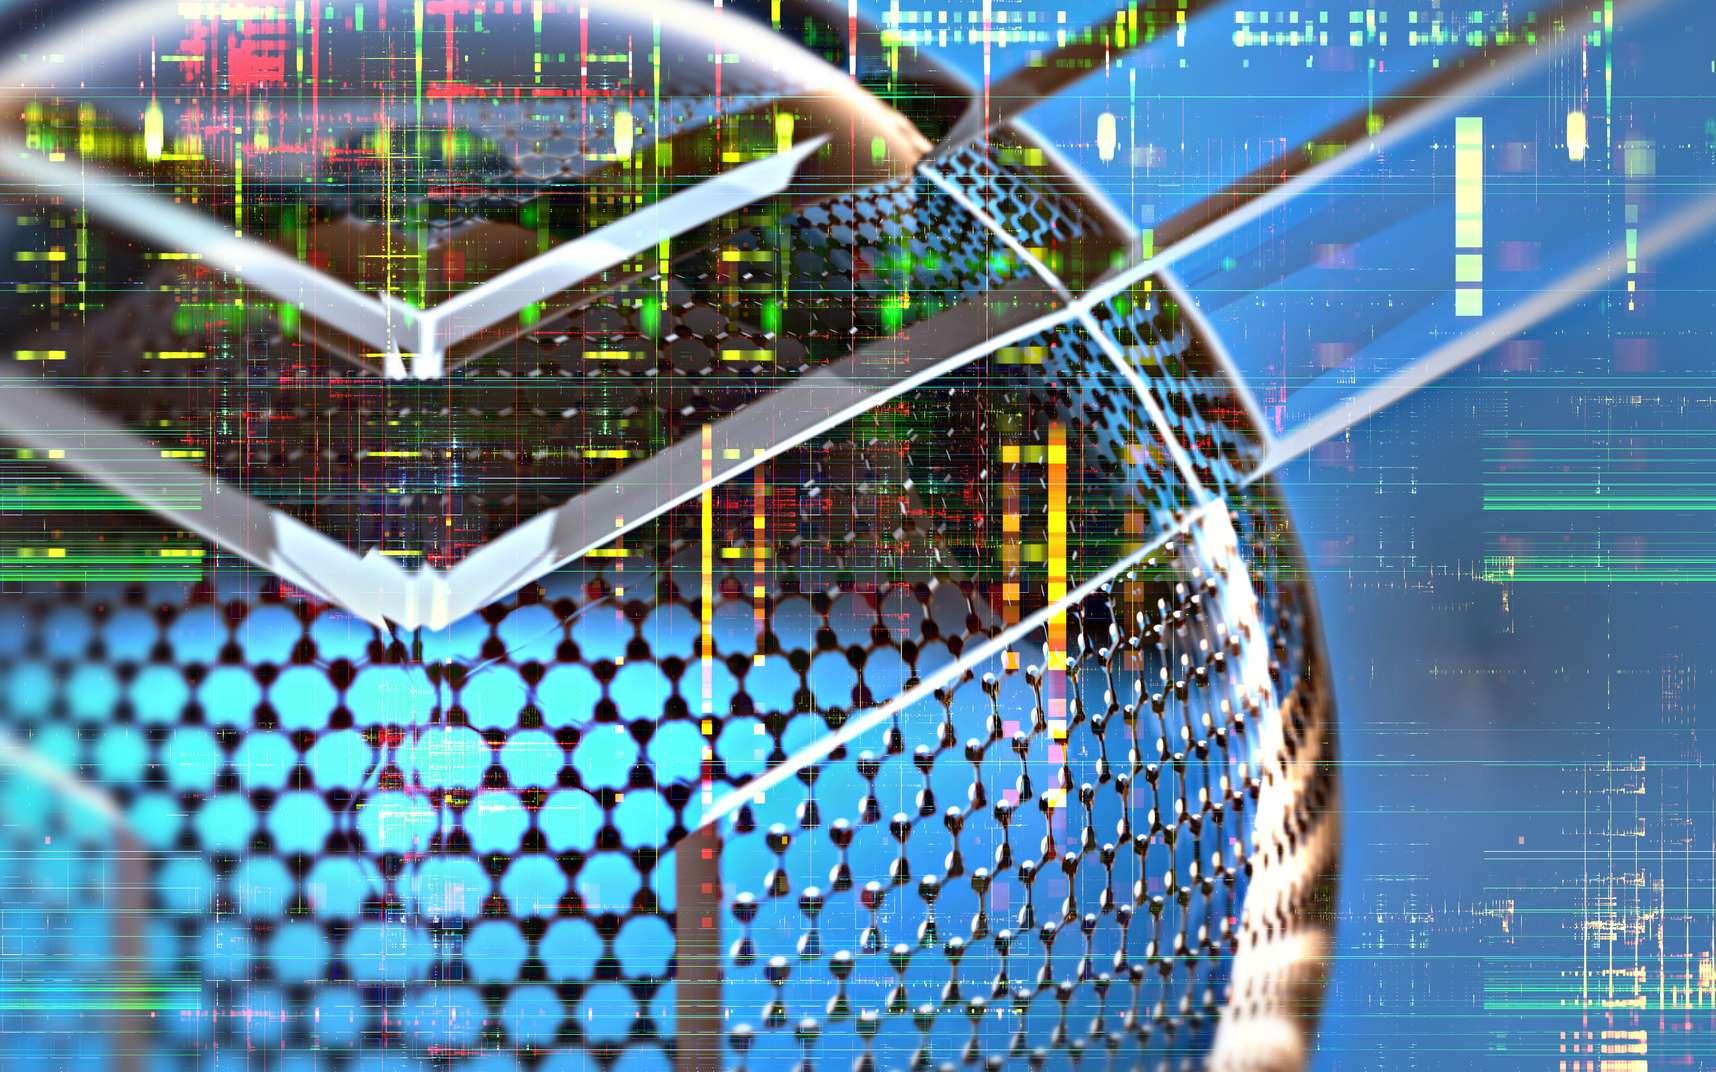 Ordinateur quantique : les anyons seraient observables dans le graphène. Ici, une vue d'artiste du graphène pour une nouvelle électronique. © fotoplot, Fotolia